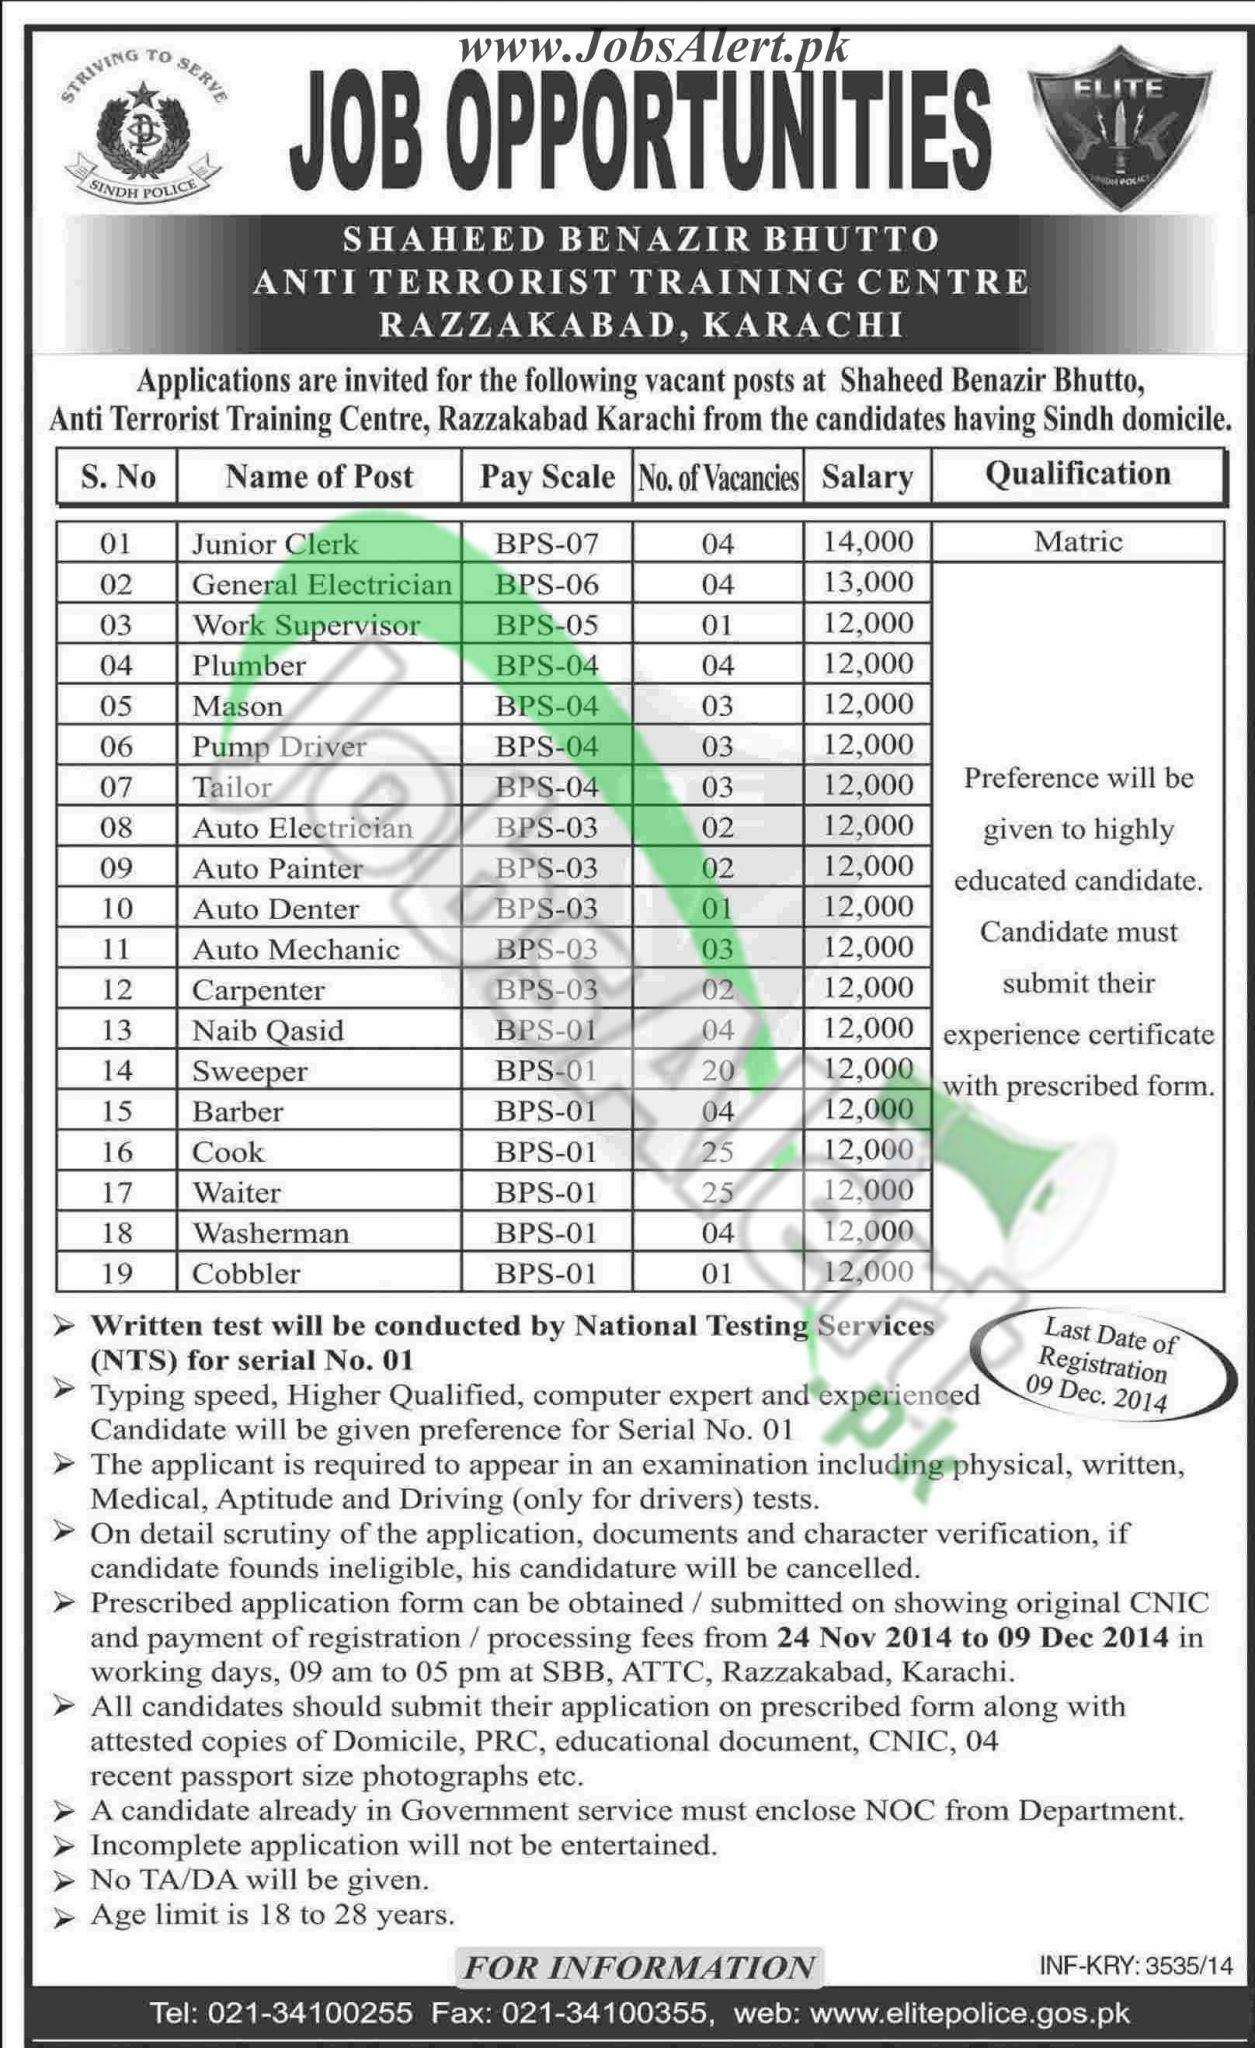 Shaheed Benazir Bhutto Anti Terrorist Training Centre